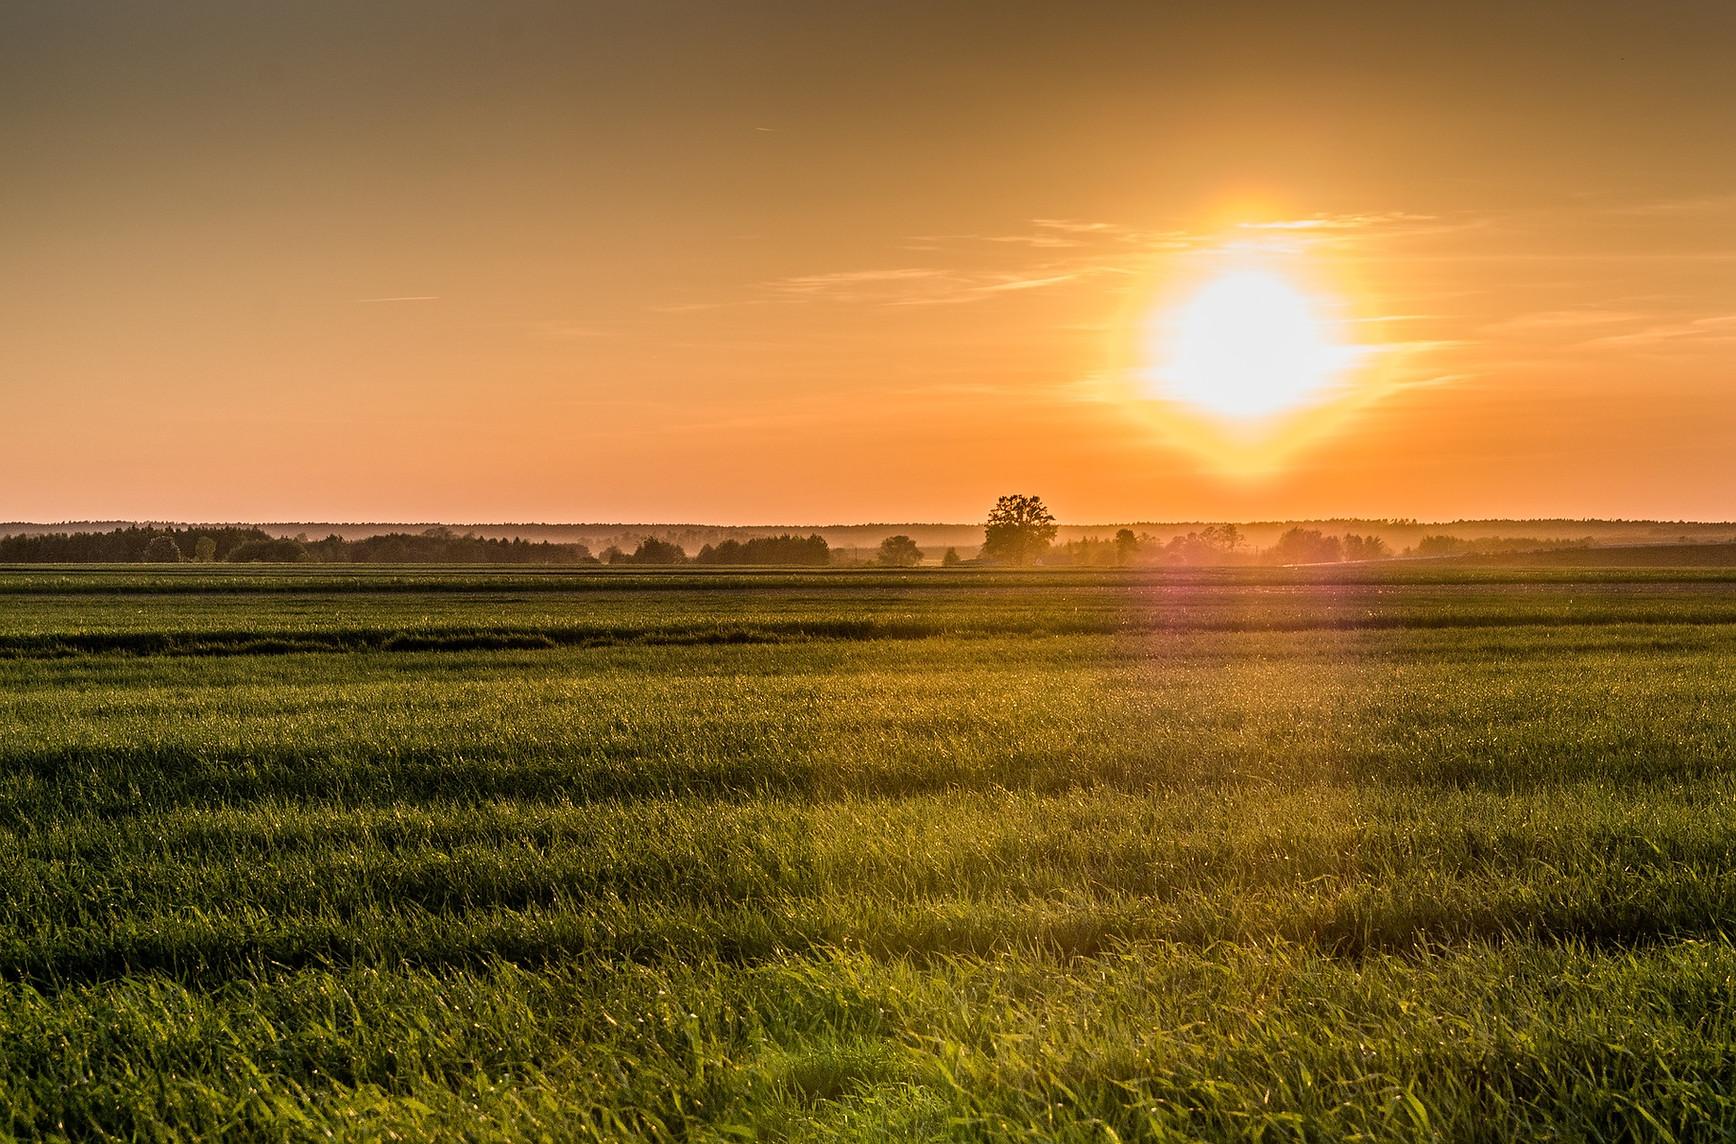 sunrise-3980036_1920.jpg